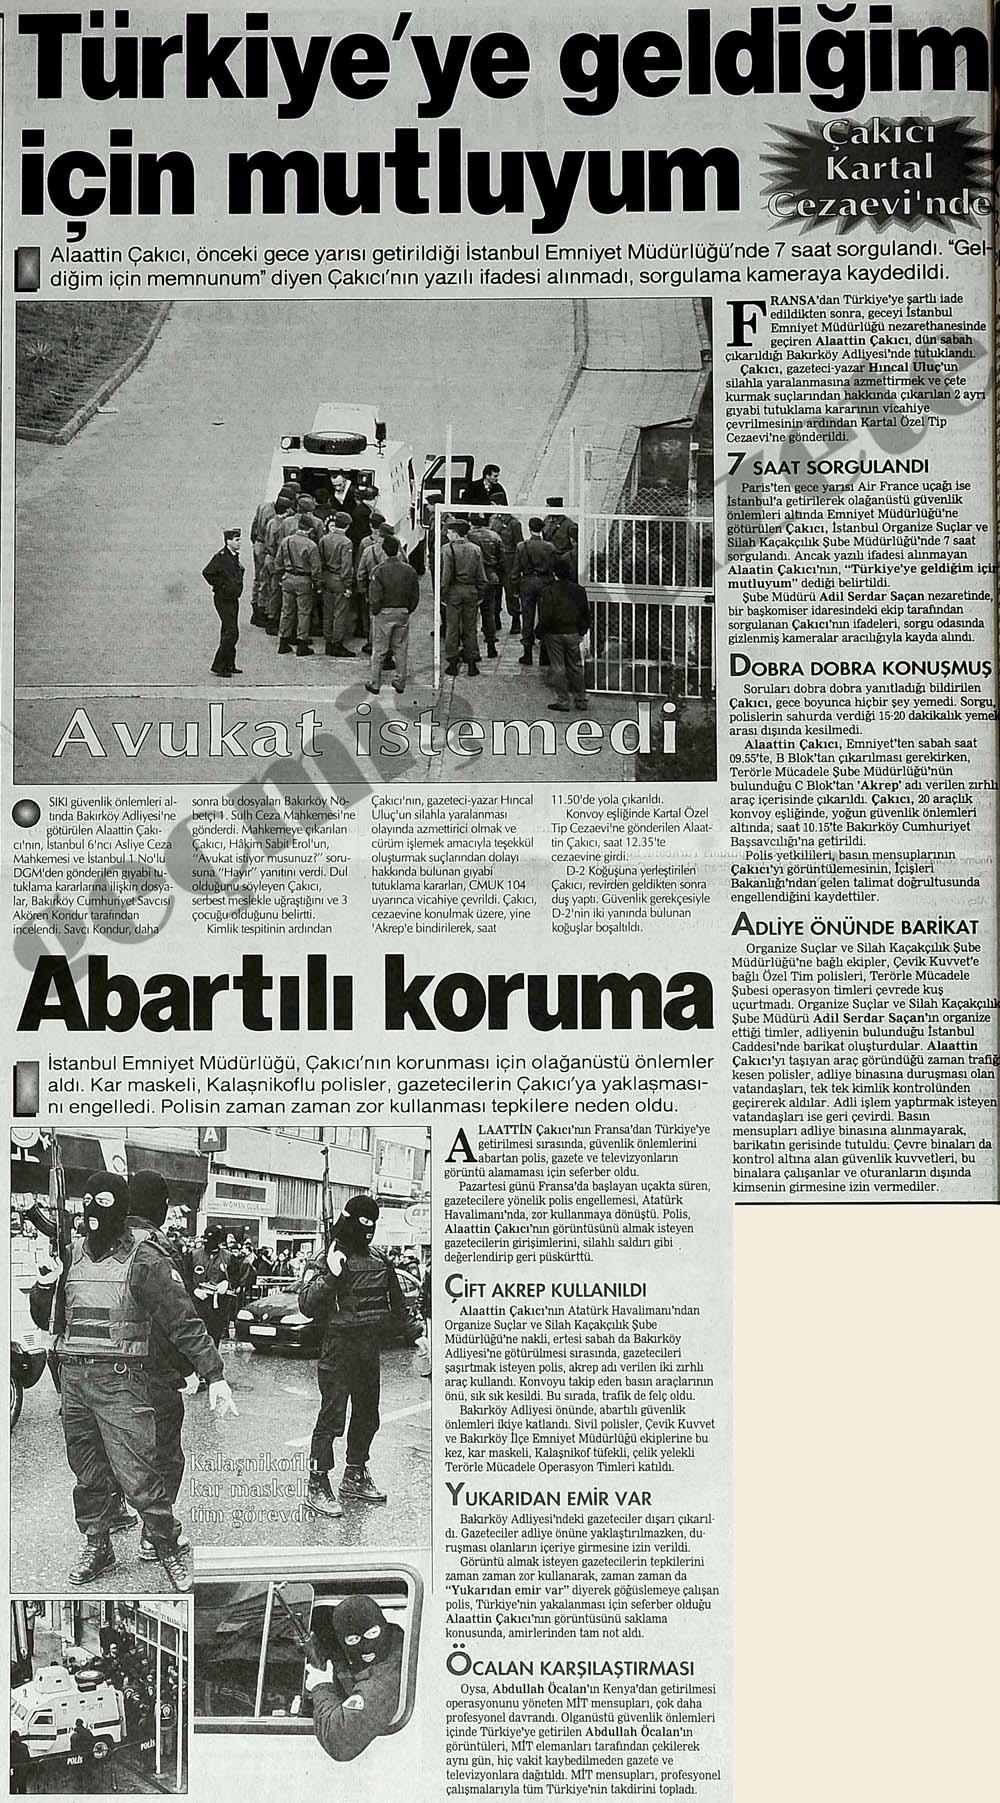 """Çakıcı Kartal Cezaevi'nde """"Türkiye'ye geldiğim için mutluyum"""""""